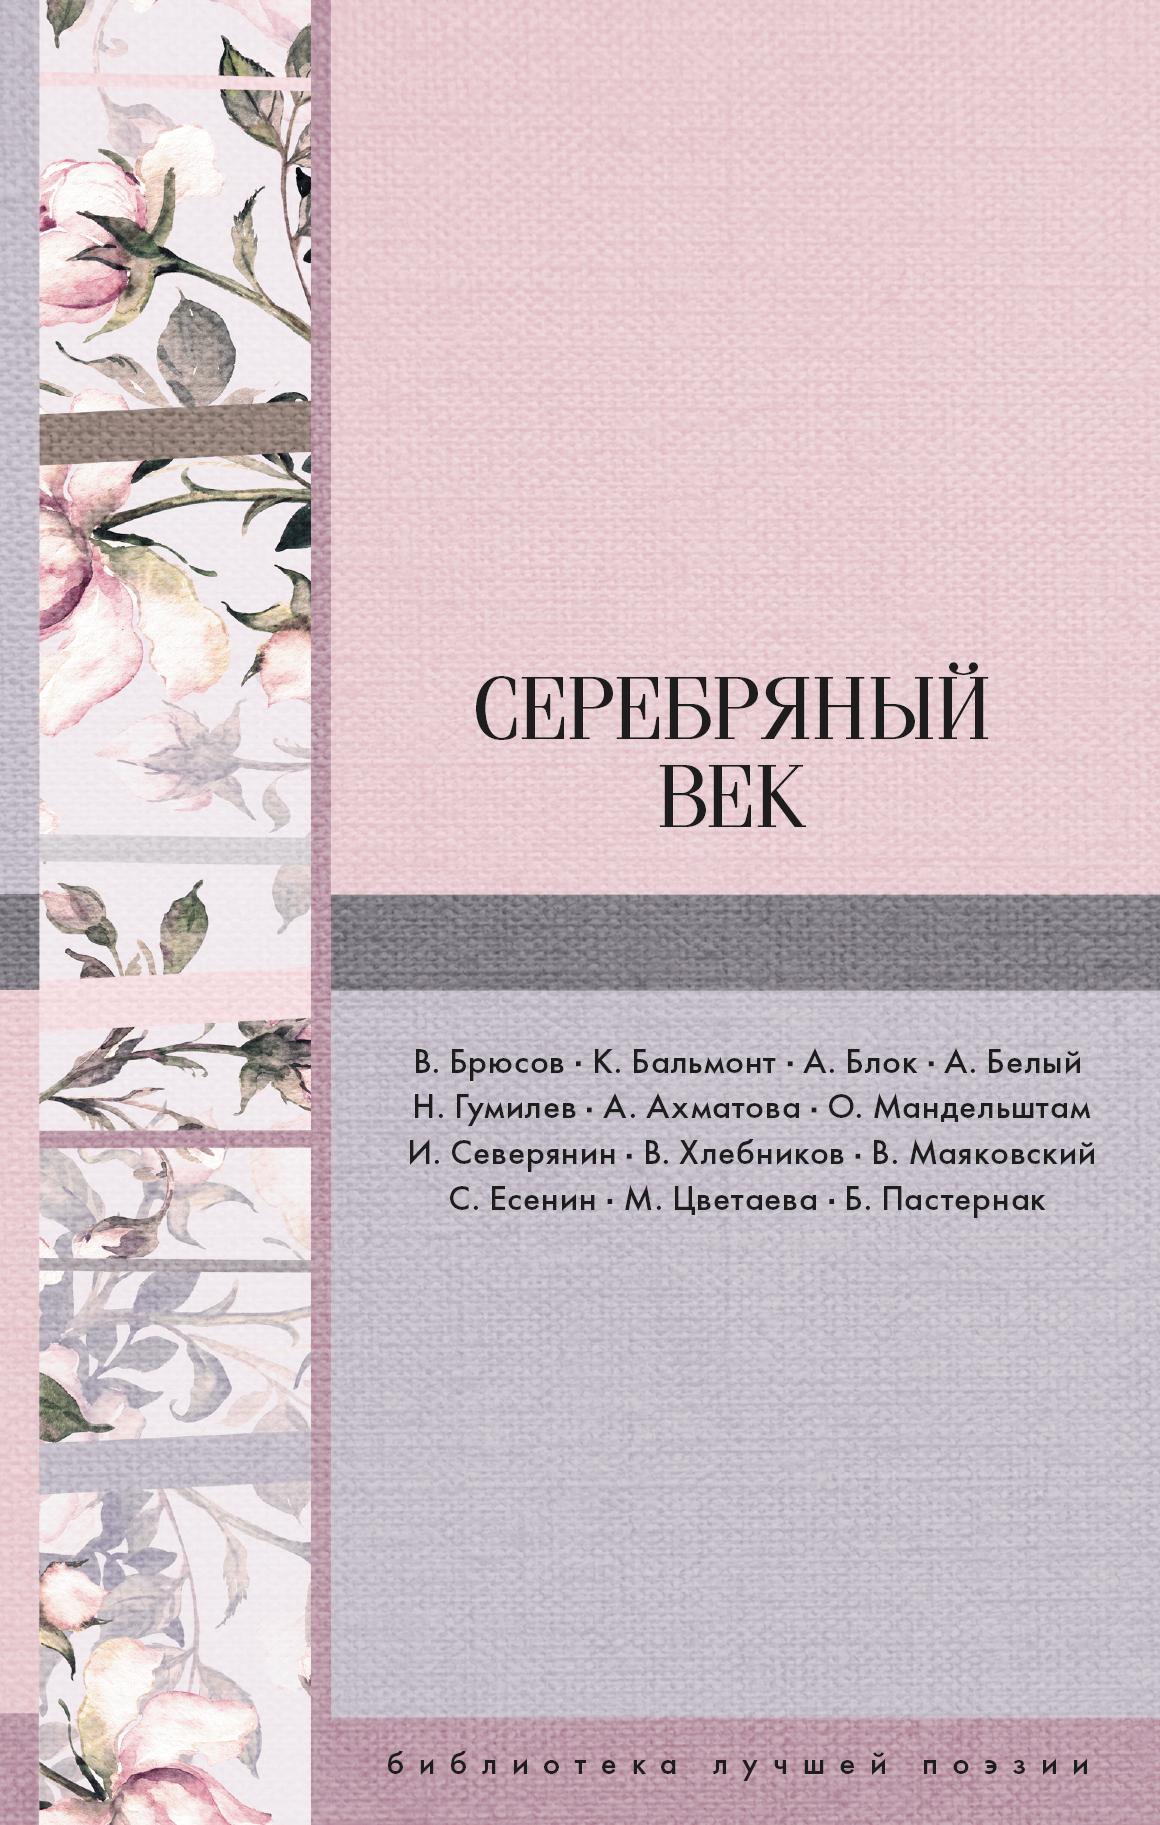 Серебряный век (сборник)